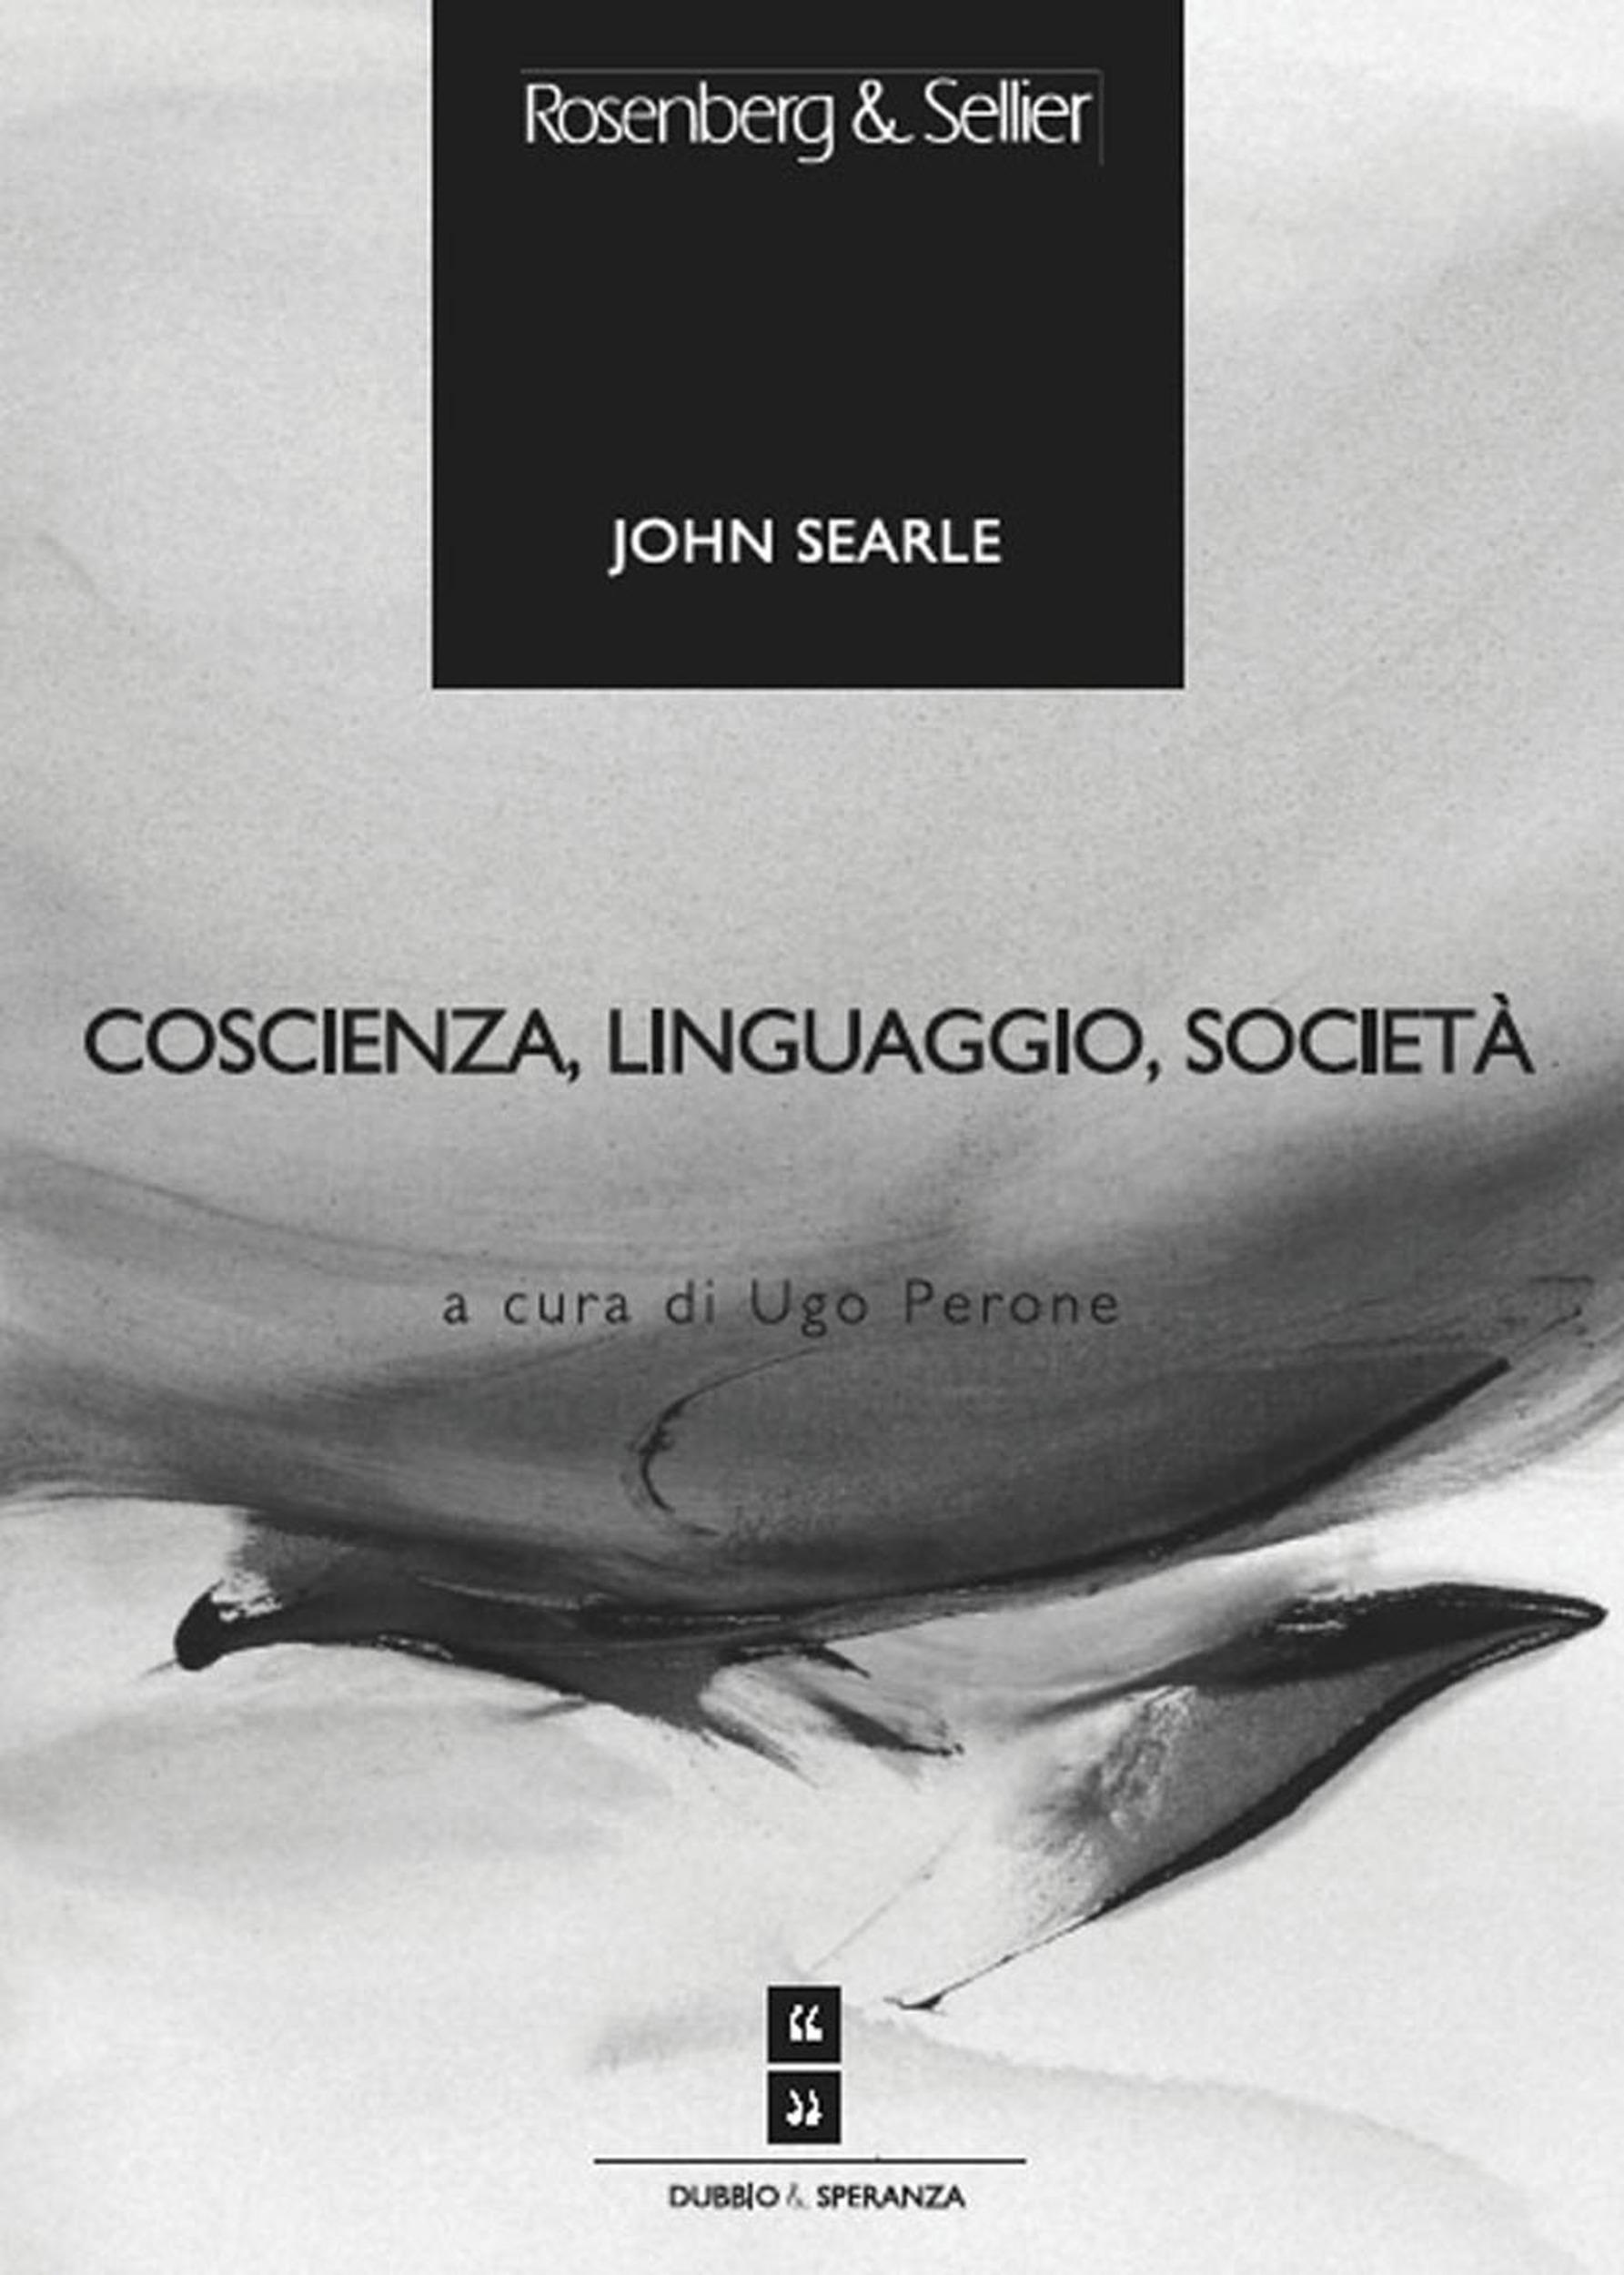 Coscienza, linguaggio, società